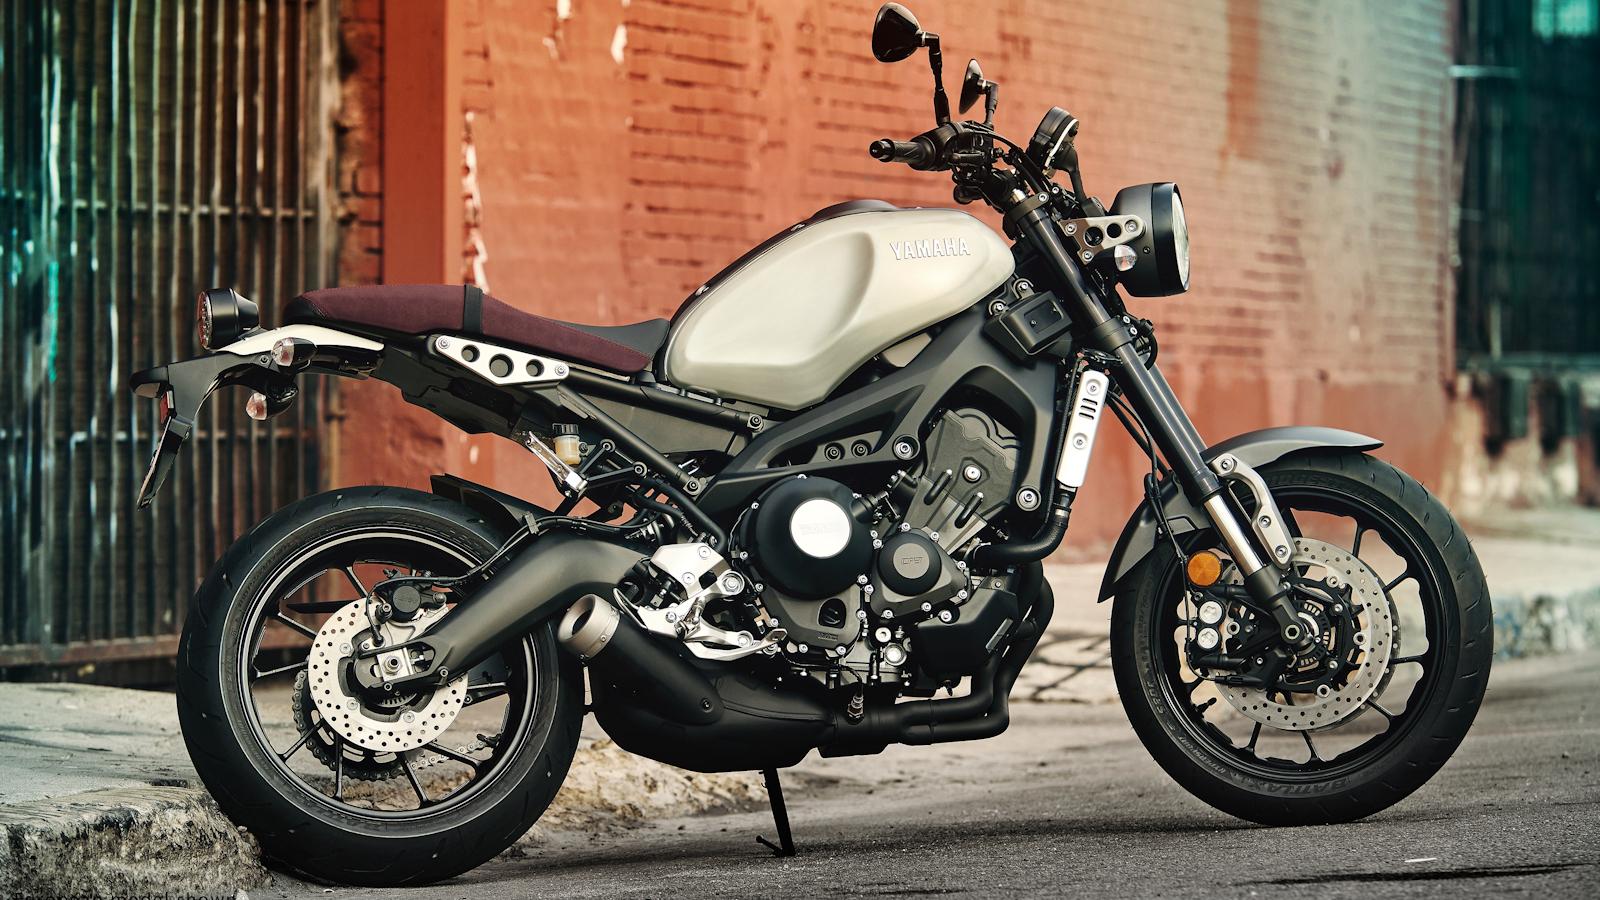 2017 Yamaha Xsr900 Motorcycle Uae S Prices Specs